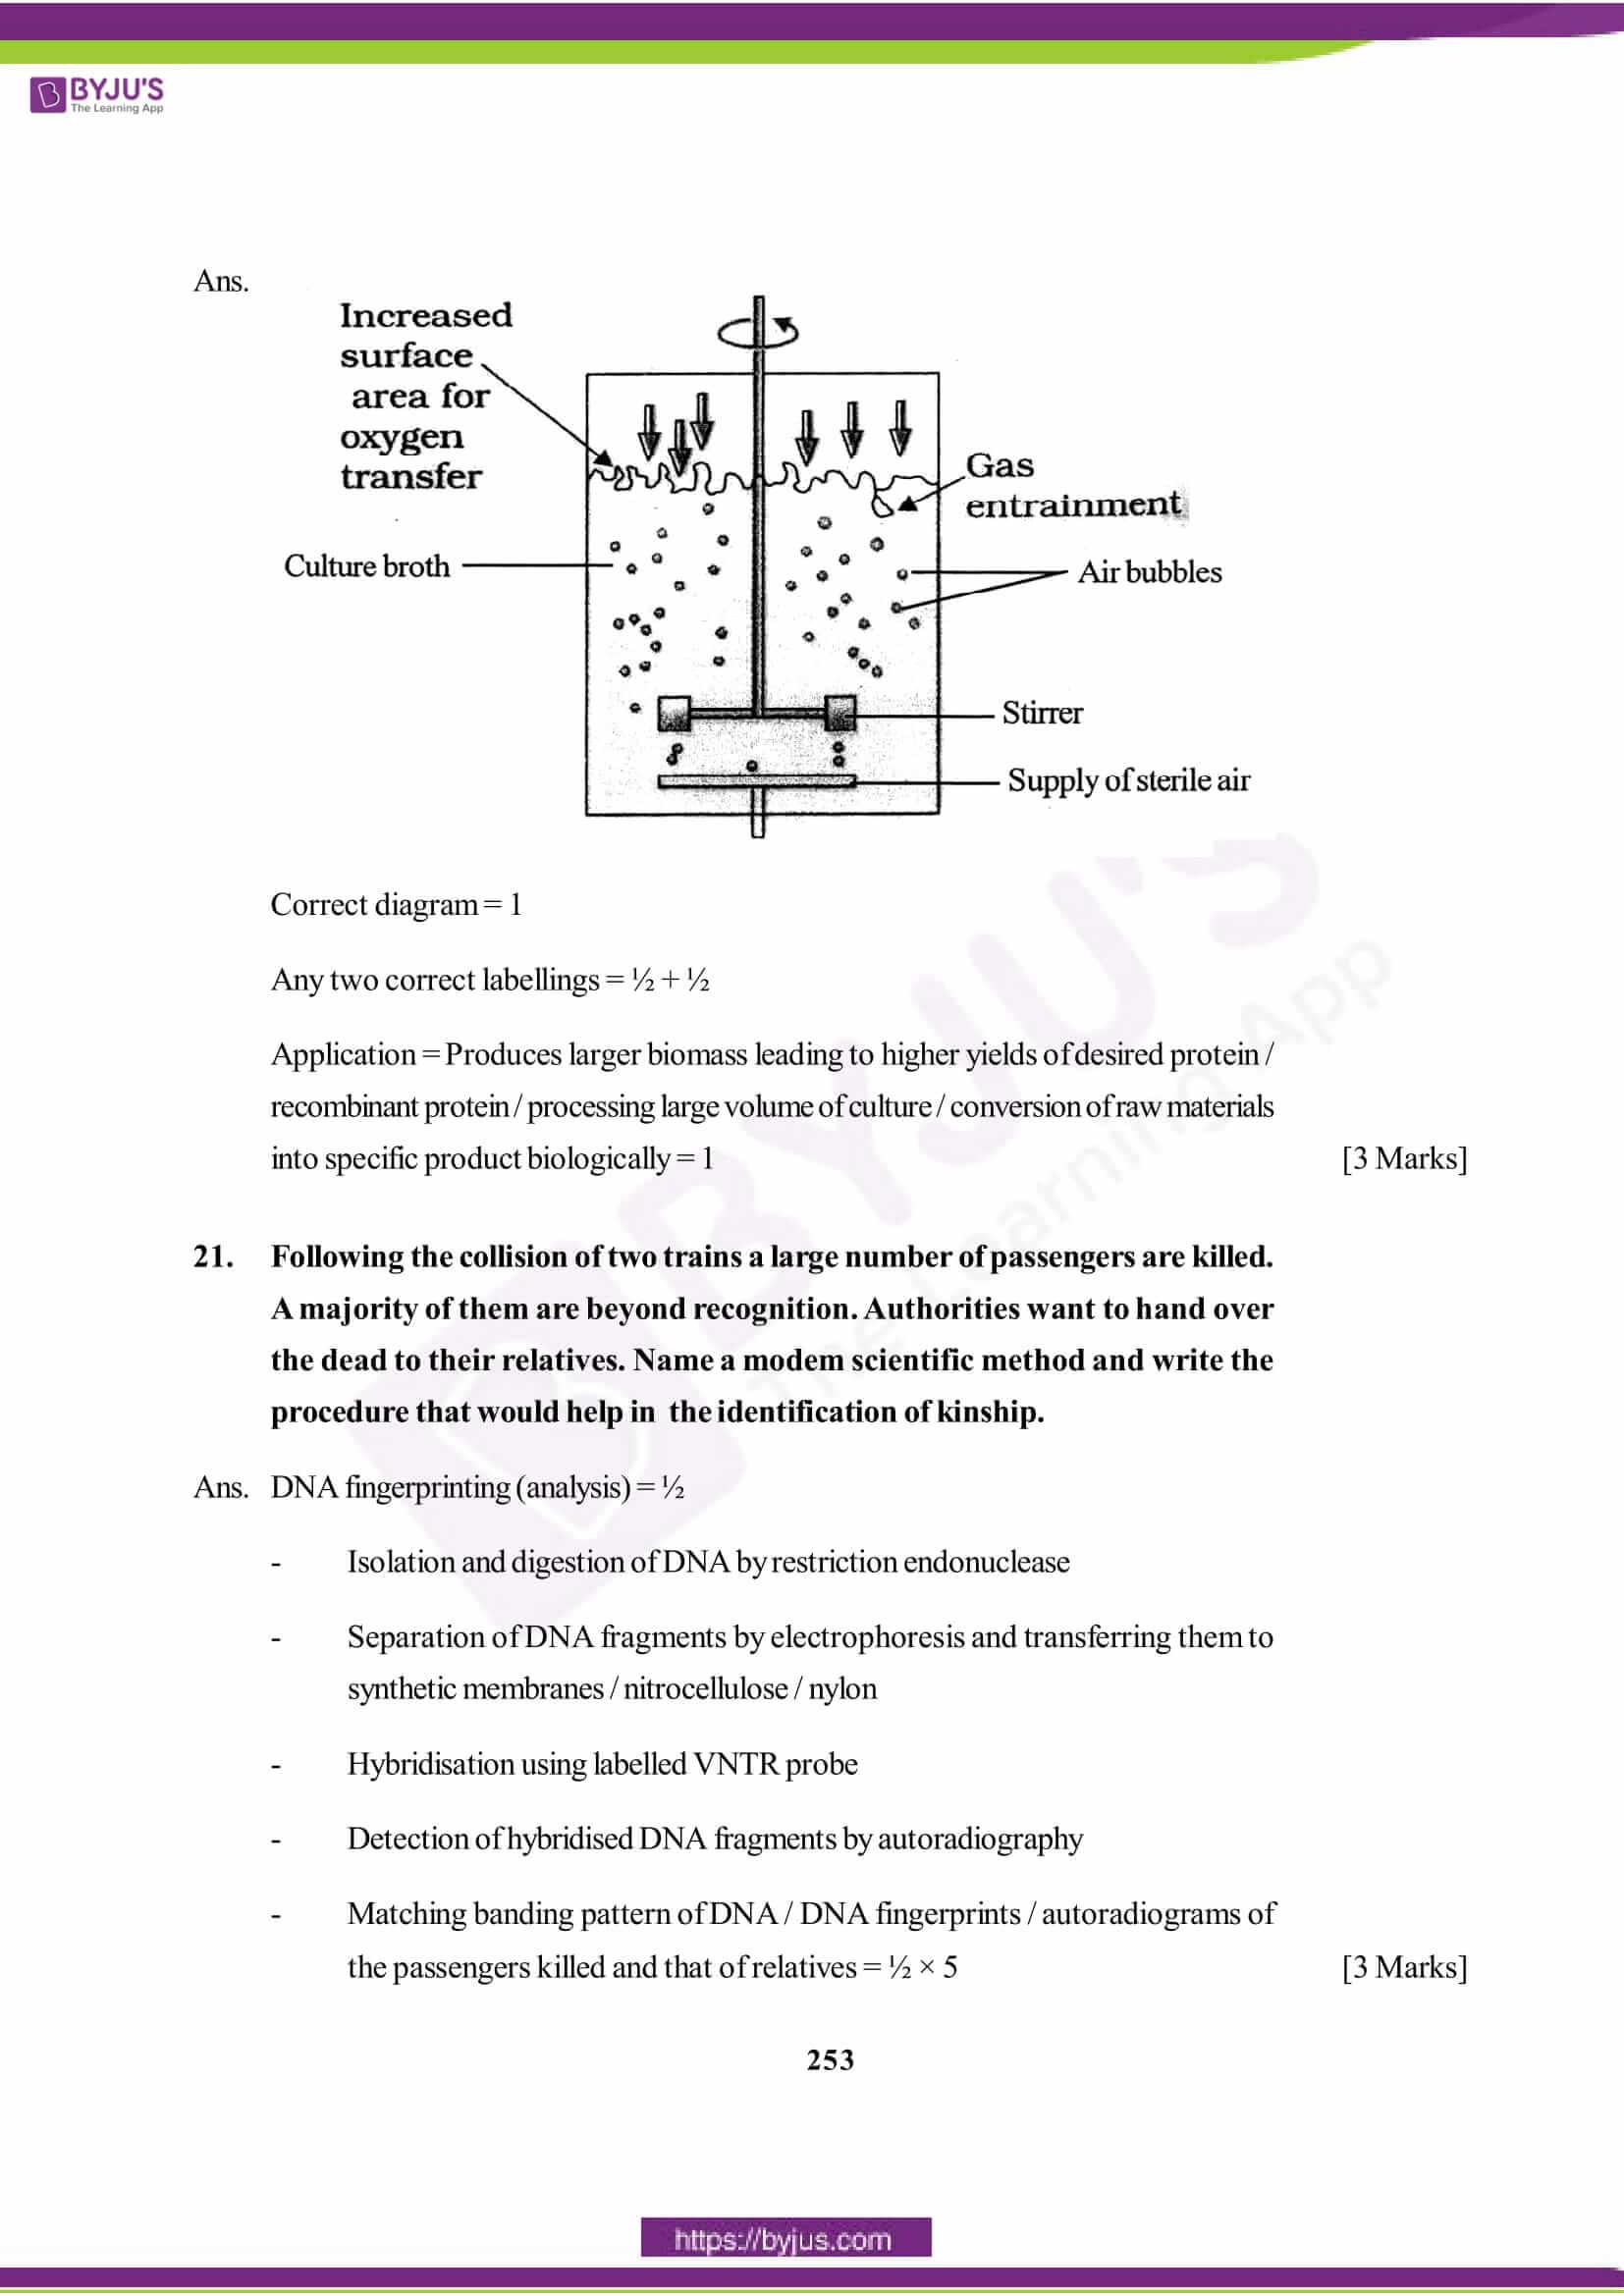 cbse class 12 biology solution 2015 set 1